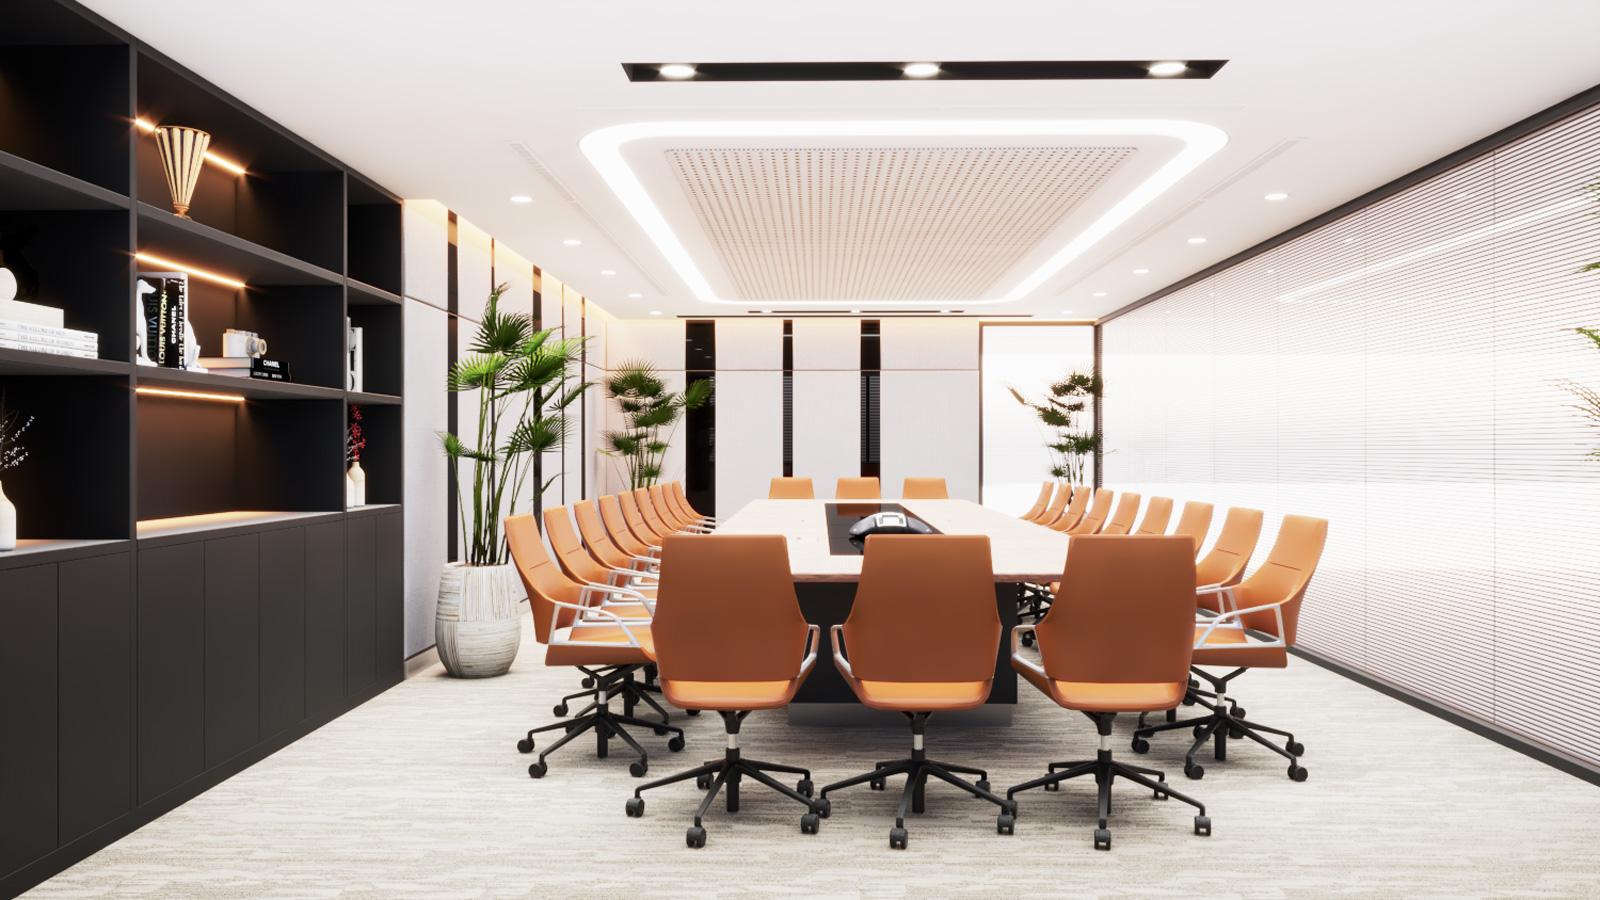 Tiêu chuẩn diện tích phòng họp được tính như thế nào?